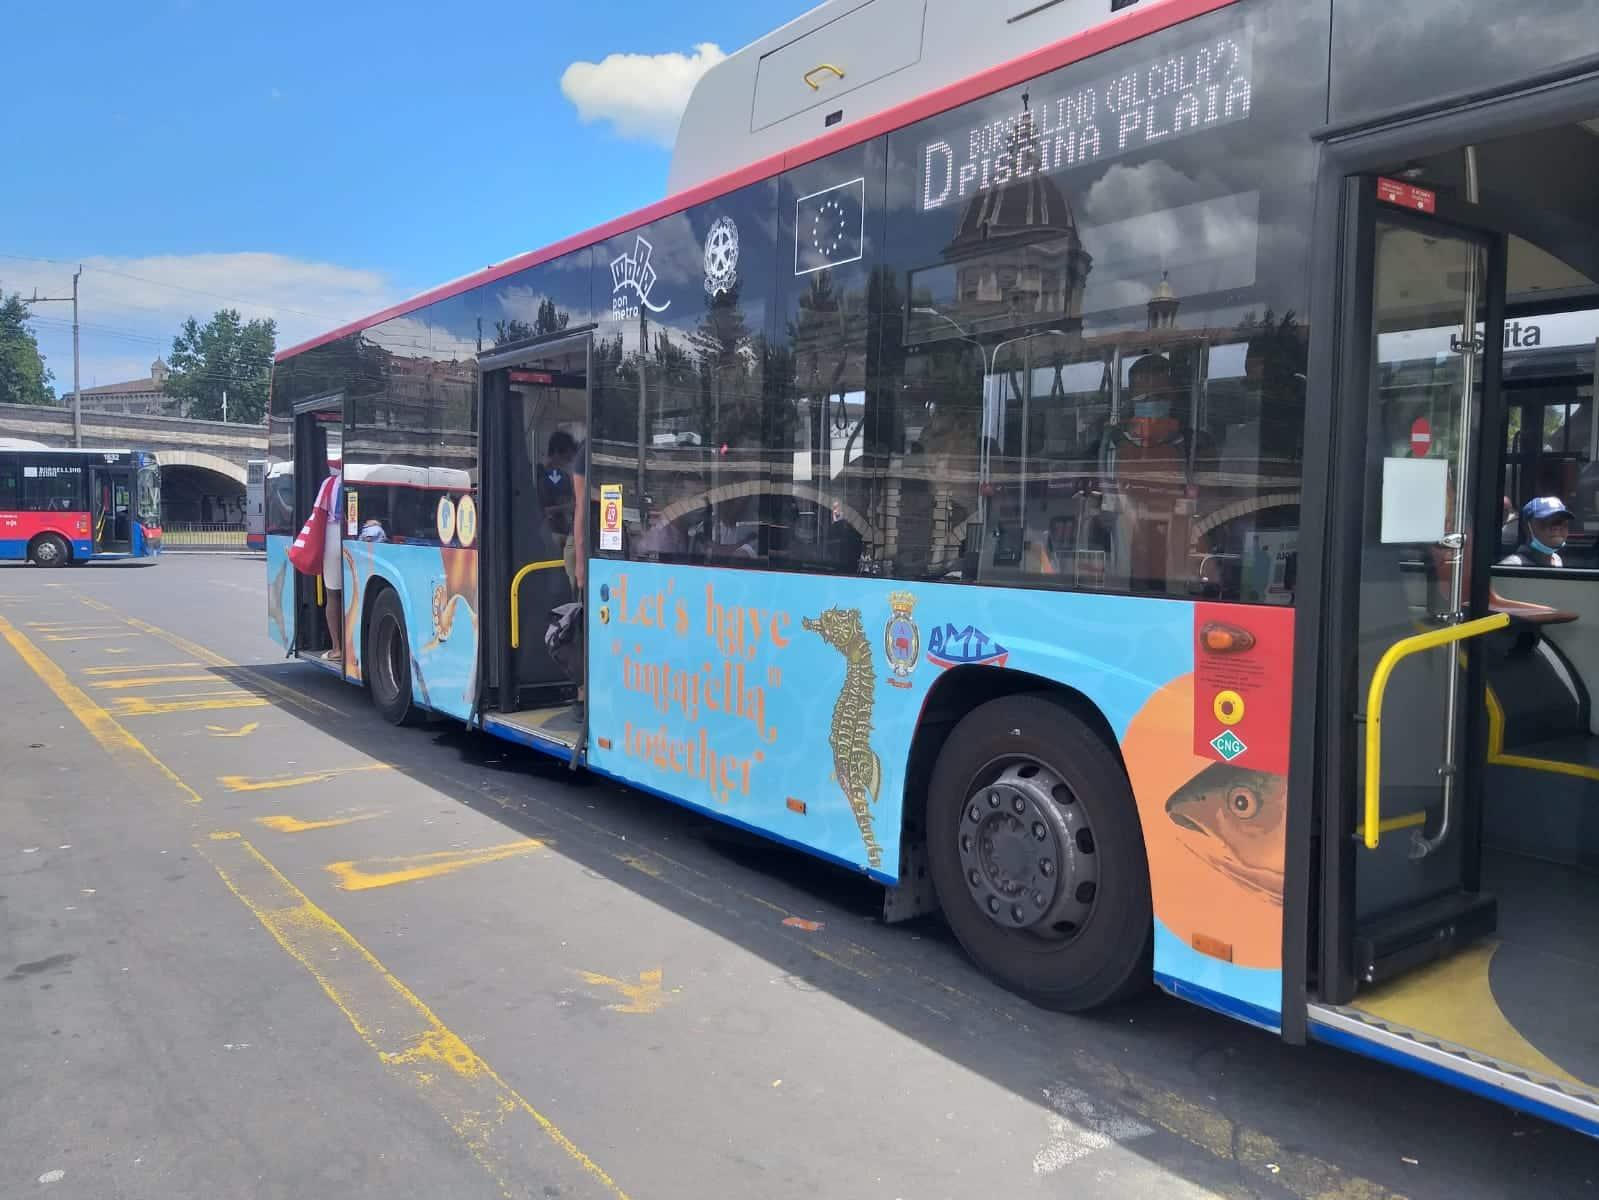 AMTS, potenziate le corse autobus verso i lidi di Playa e scogliera: ecco tutte le novità – FOTO